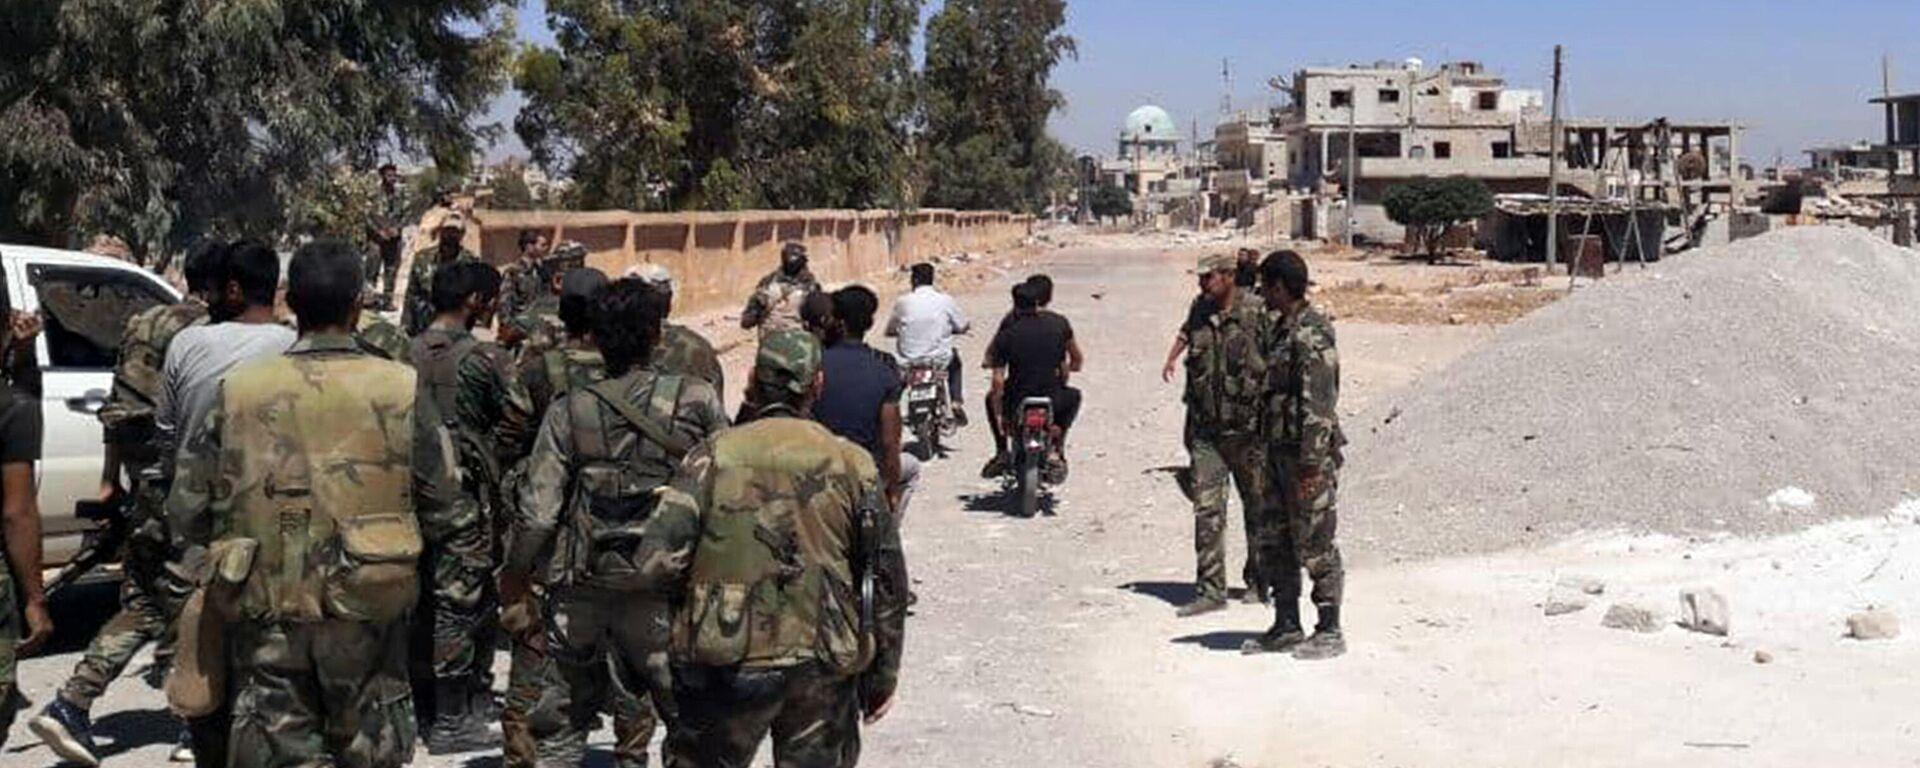 Soldaten in der syrischen Provinz Daraa  - SNA, 1920, 08.09.2021